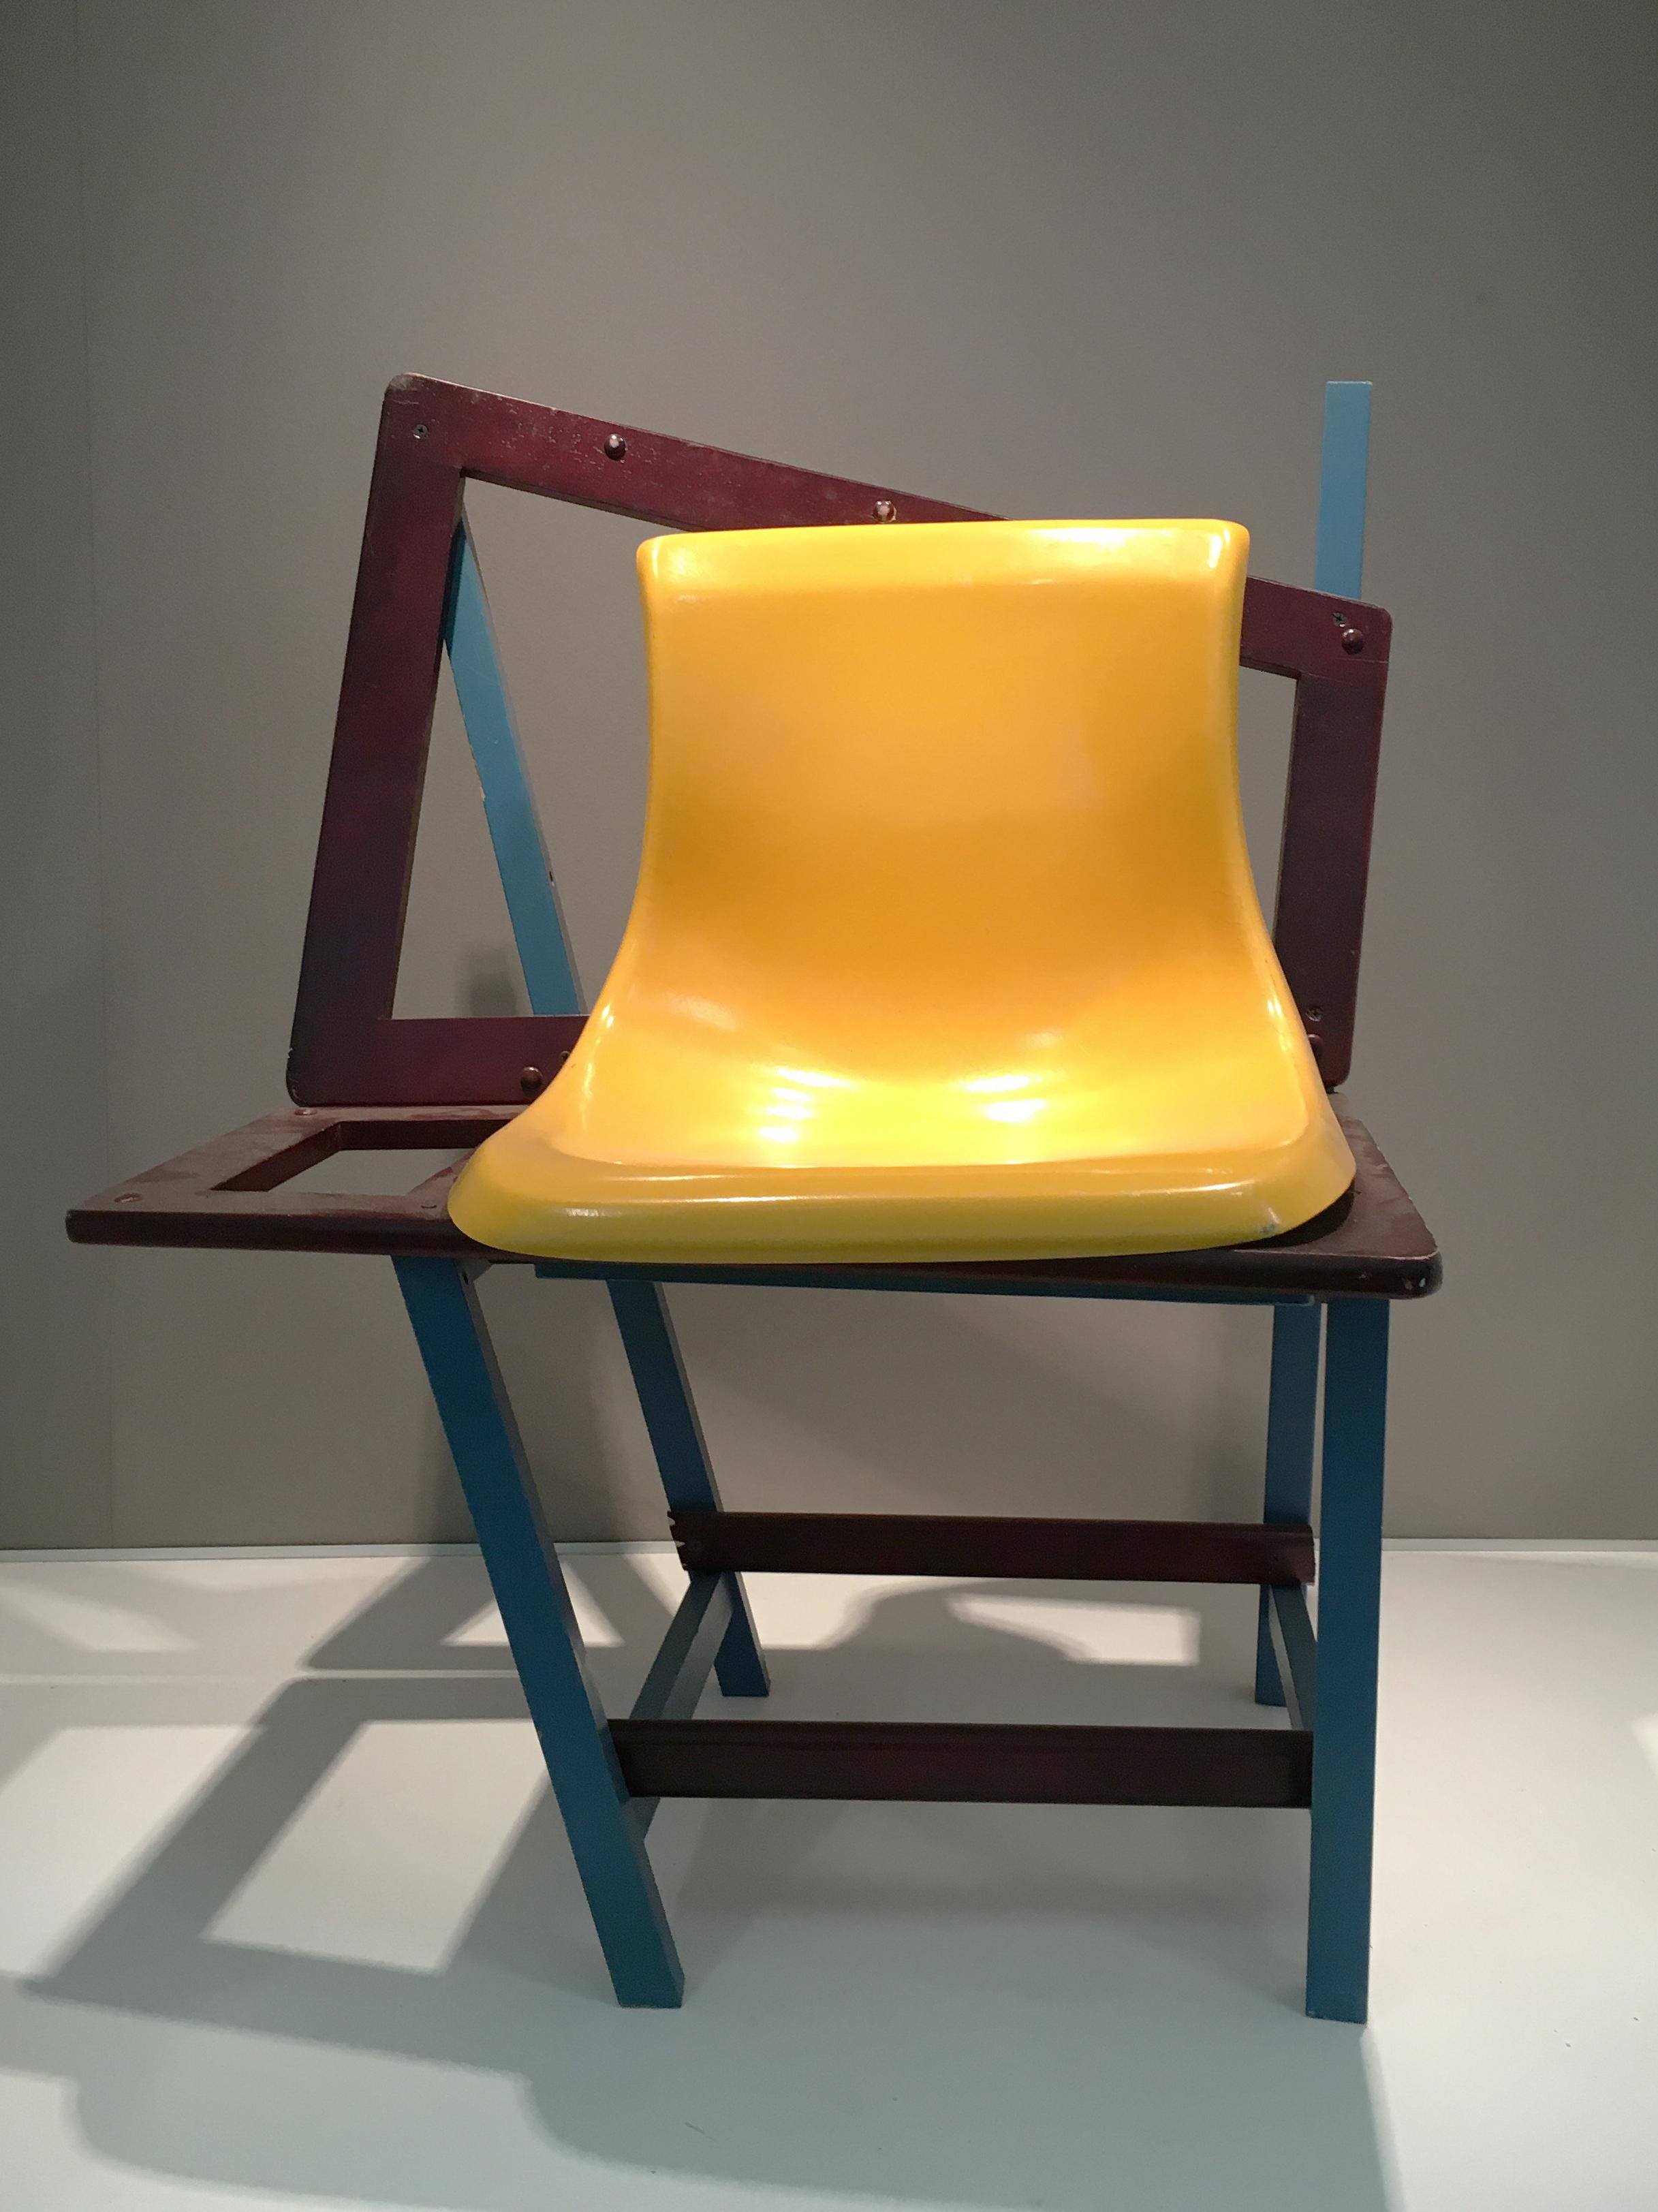 5_AM_Just a Chair.jpg